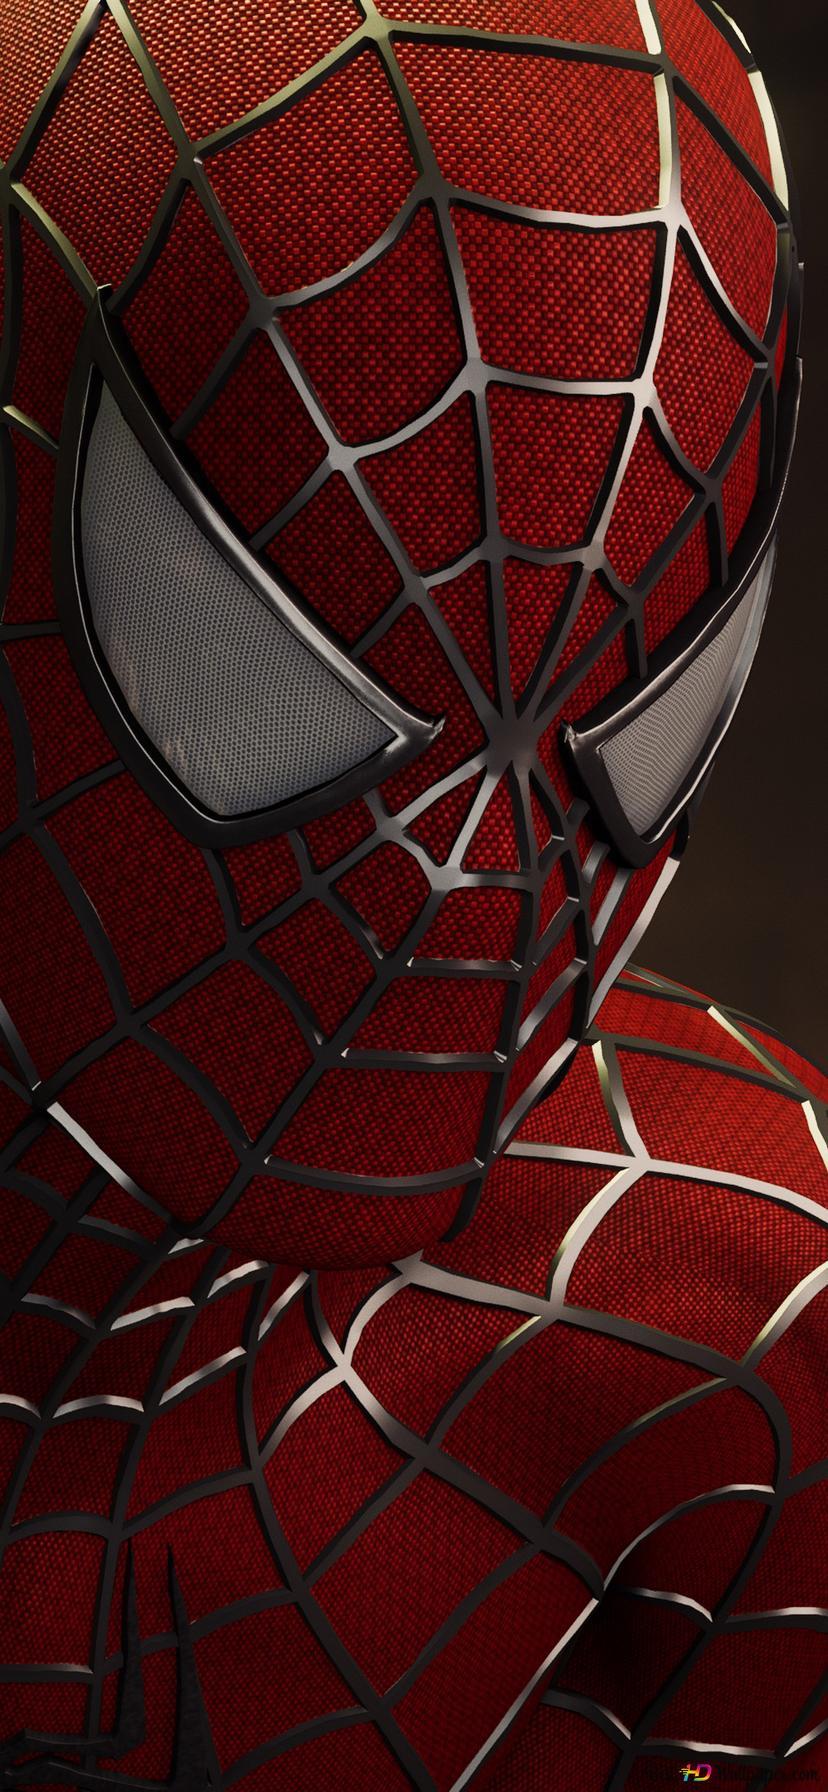 Marvels Spider Man The Heist Spiel Spiderman Held Hd